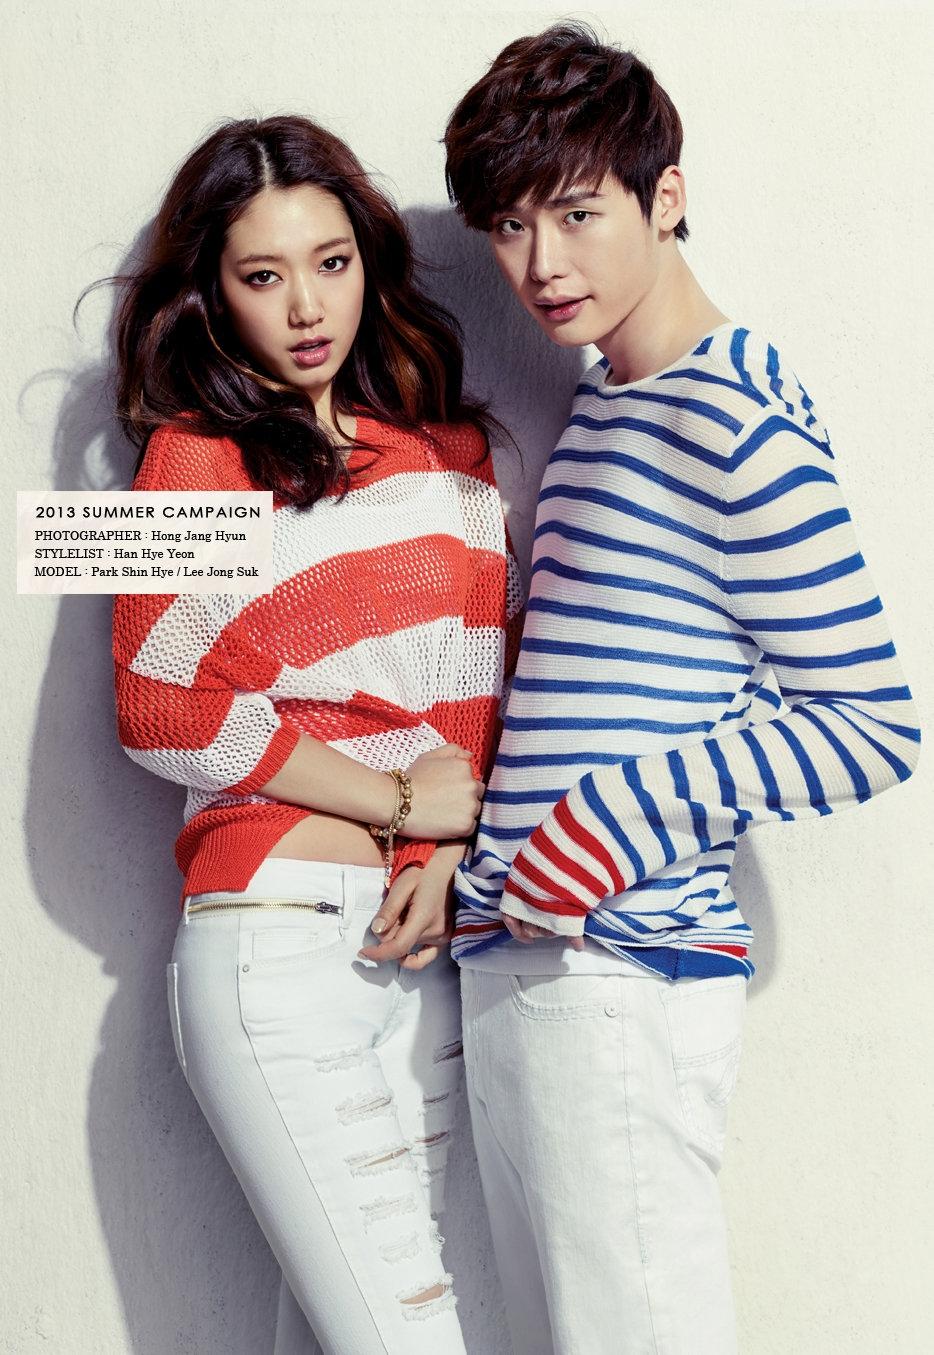 Cặp đôi Lee Jong Suk và Park Shin Hye cũng nhận được nhiều sự mong chờ của fan trong một dự án phim truyền hình